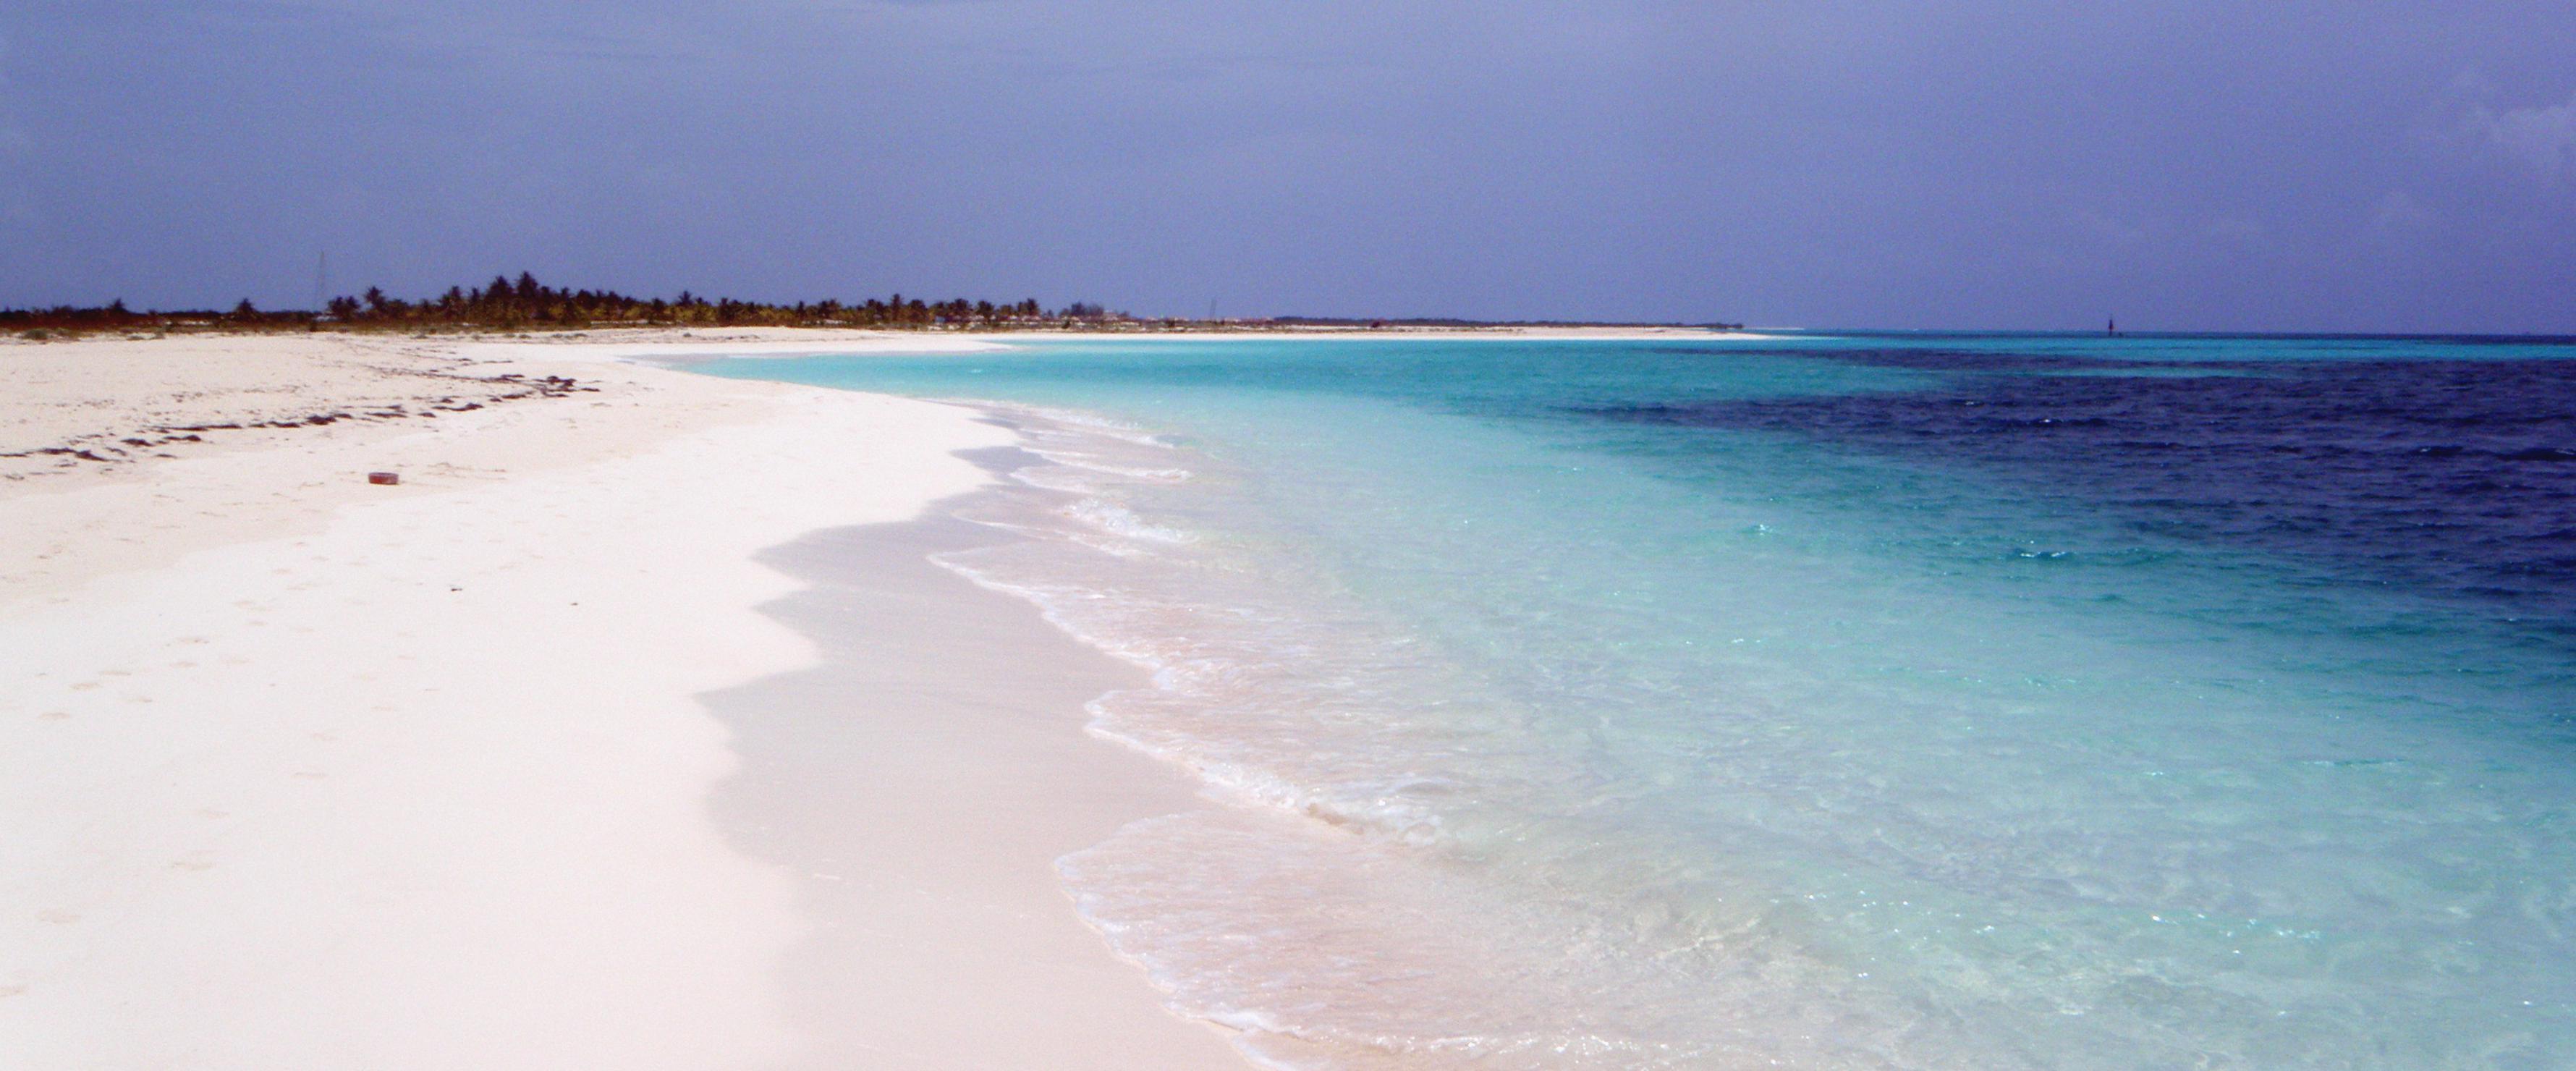 Sunwing : deux nouveaux vols à Cuba pour la saison estivale au départ de Québec